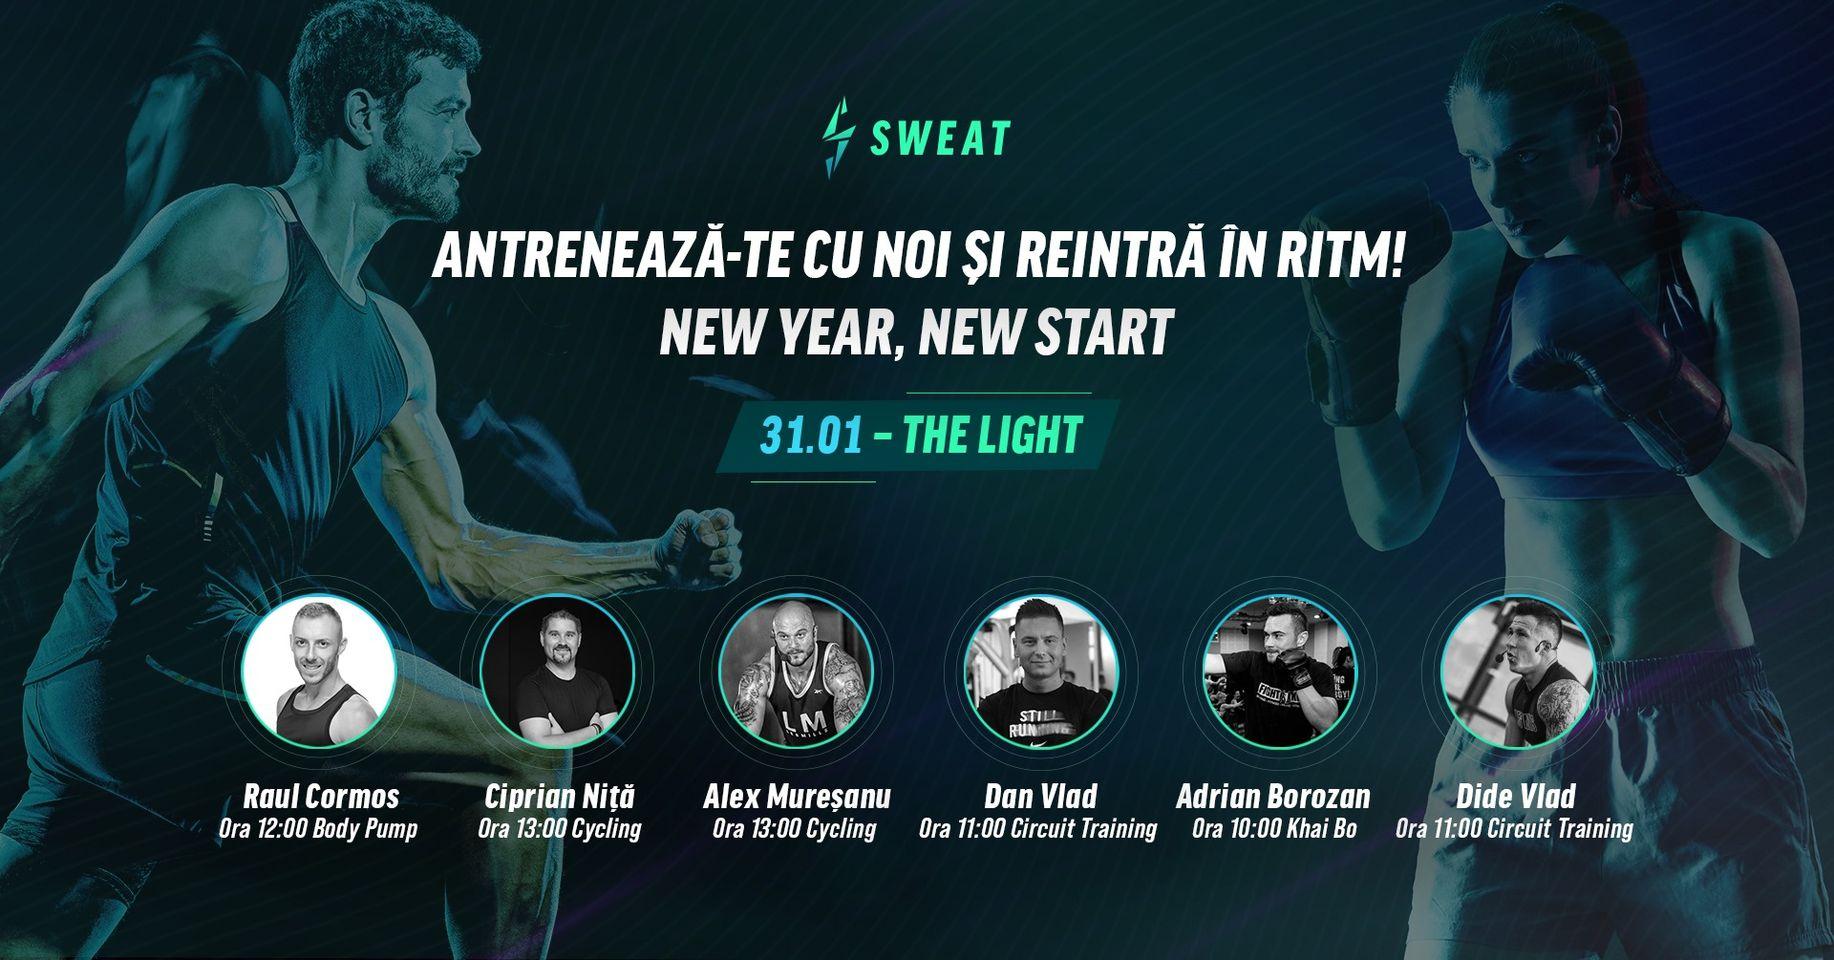 evenimente weekend 29-31 ianuarie Antreneaza-te cu sweat concept